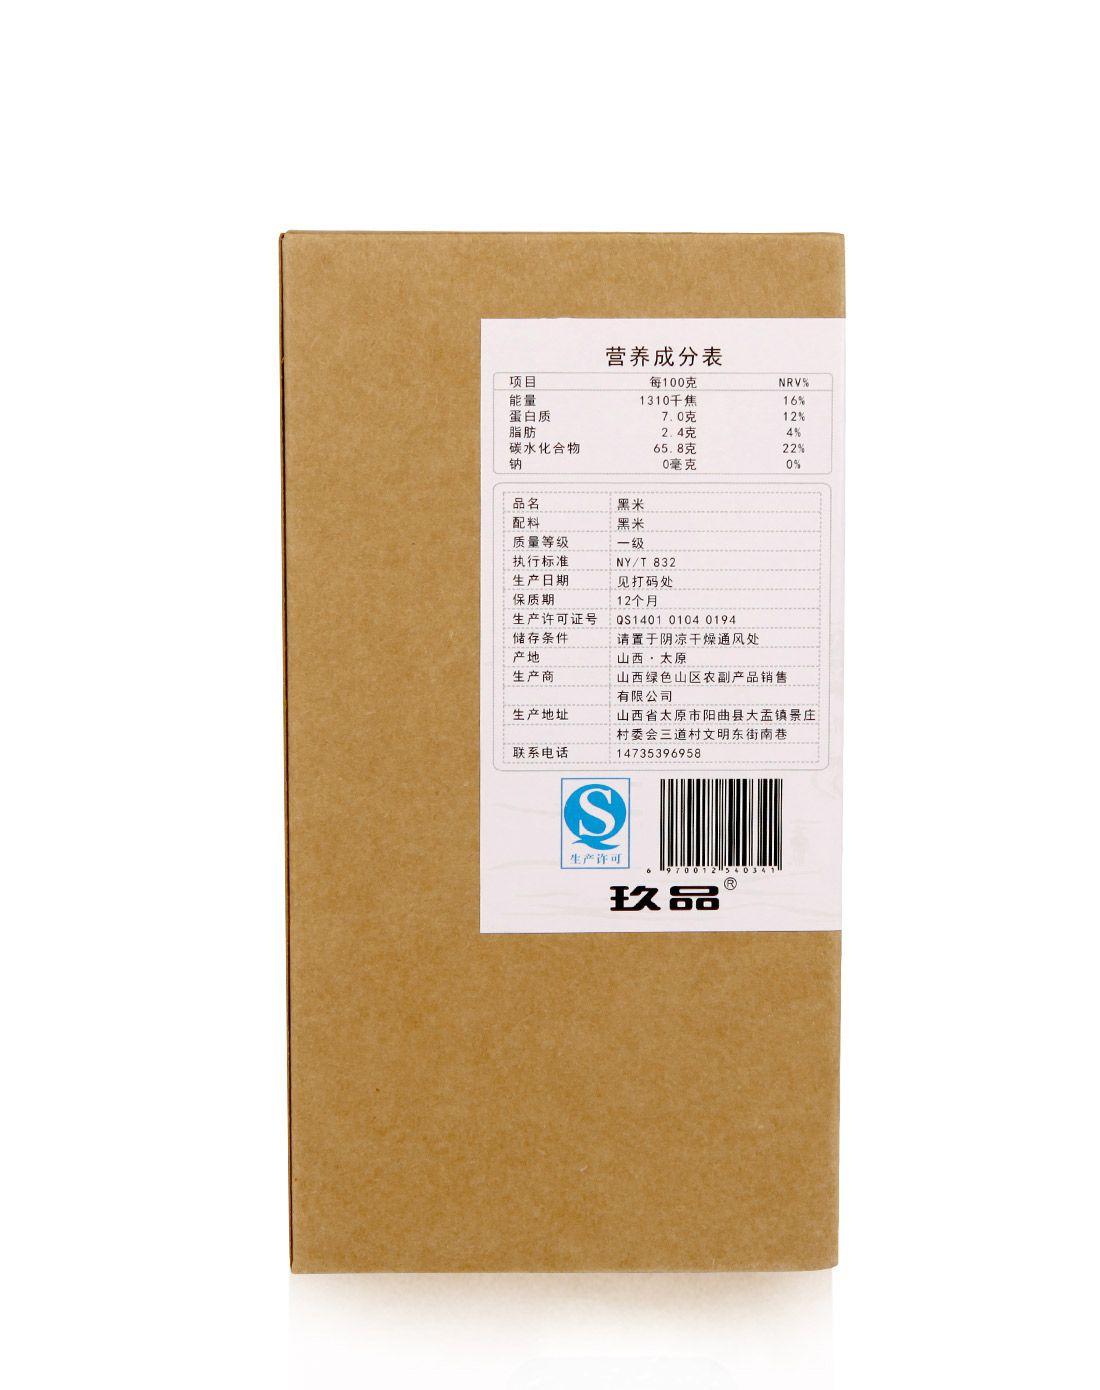 贡冬瓜优选v冬瓜食谱惊蛰篇(4件起售)玖品天下黑米炖猪肚怎么做好吃图片